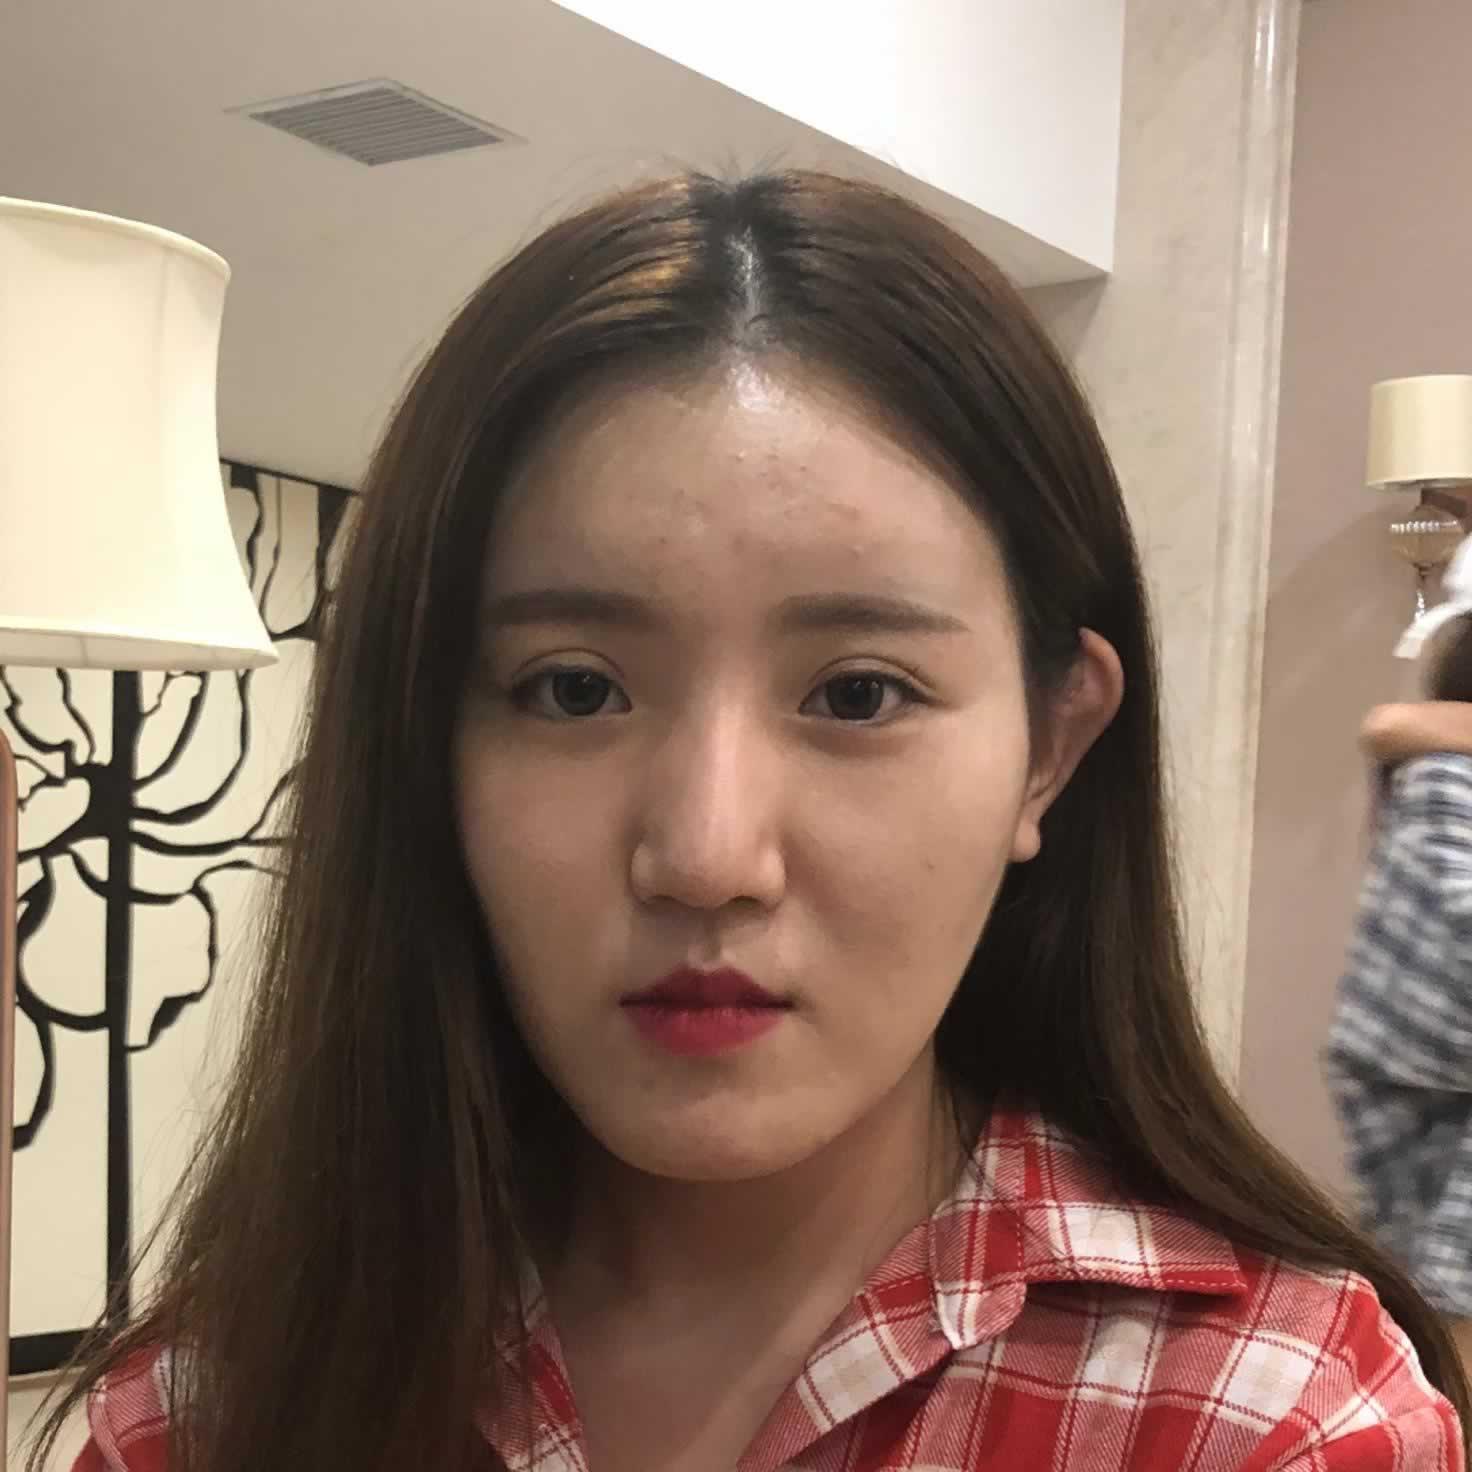 都问我北京玲珑梵宫肋软骨隆鼻+自体脂肪填充有什么后遗症吗 那就是变得太美腻了